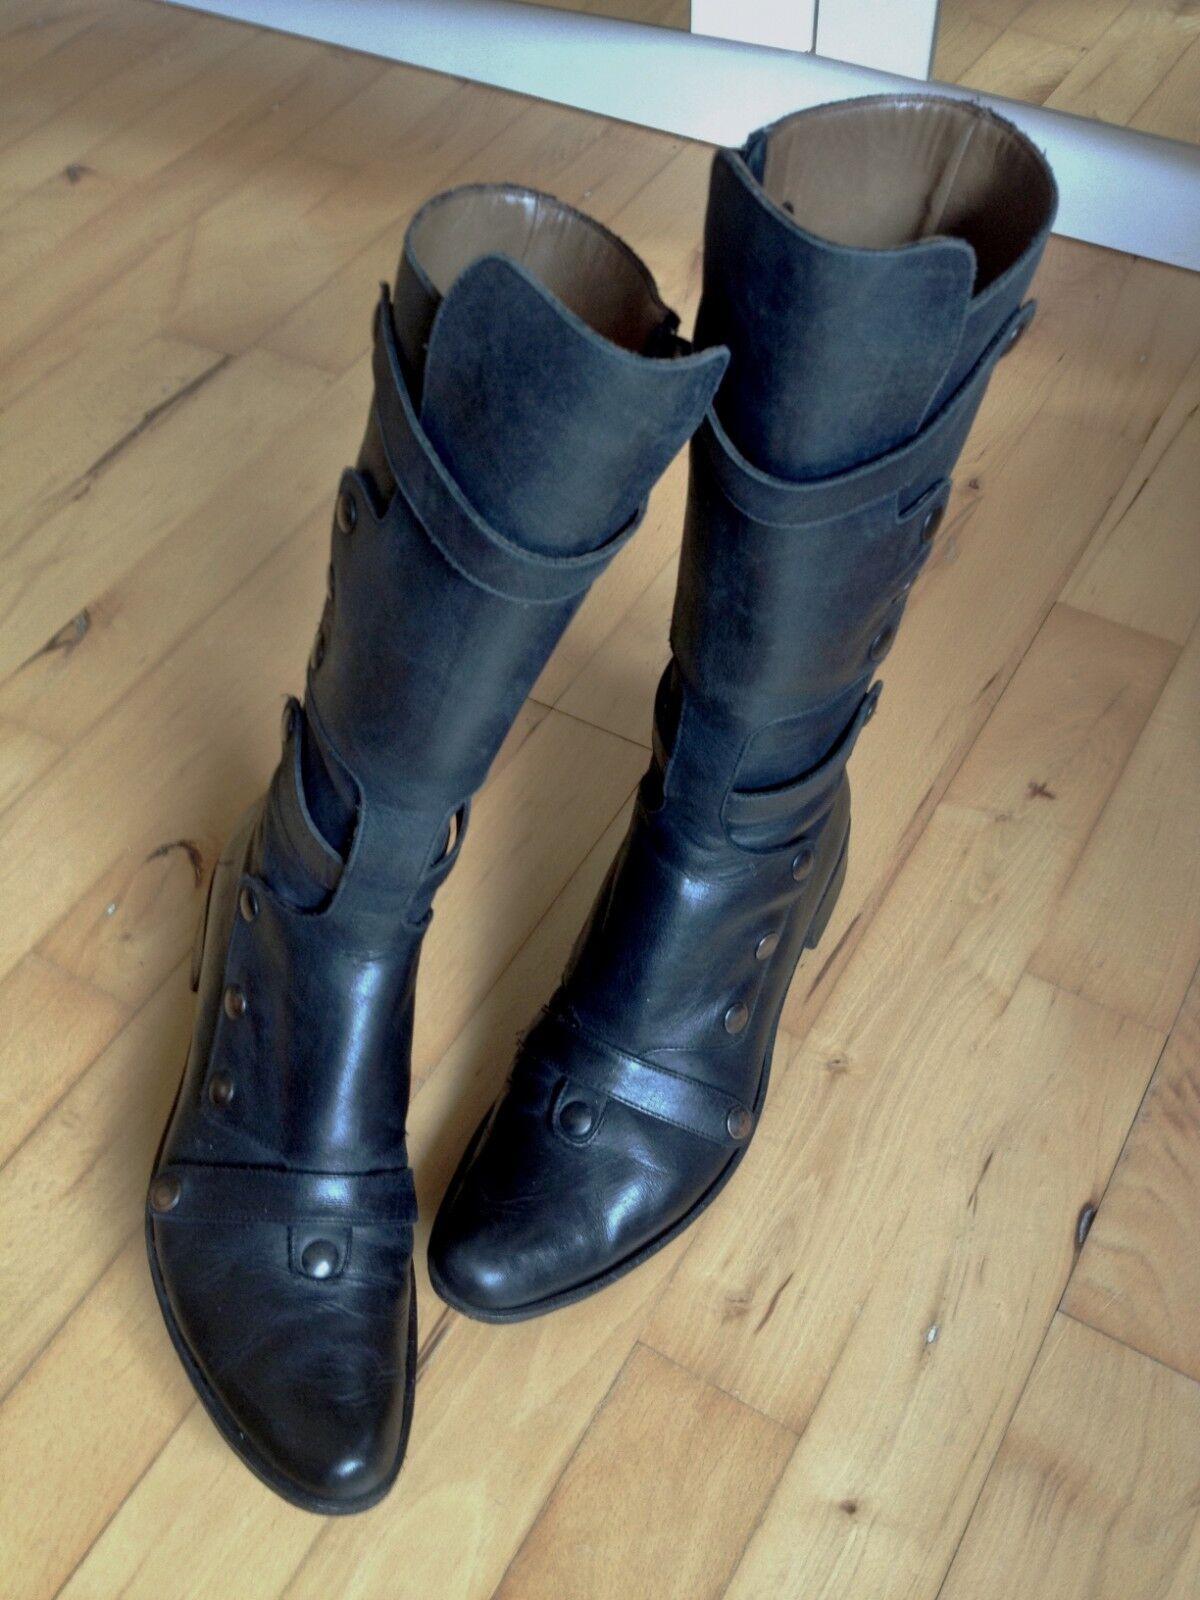 VERO CUOIO Italian Quality Leather Boots - EU 38.5 (US 8.5-9)